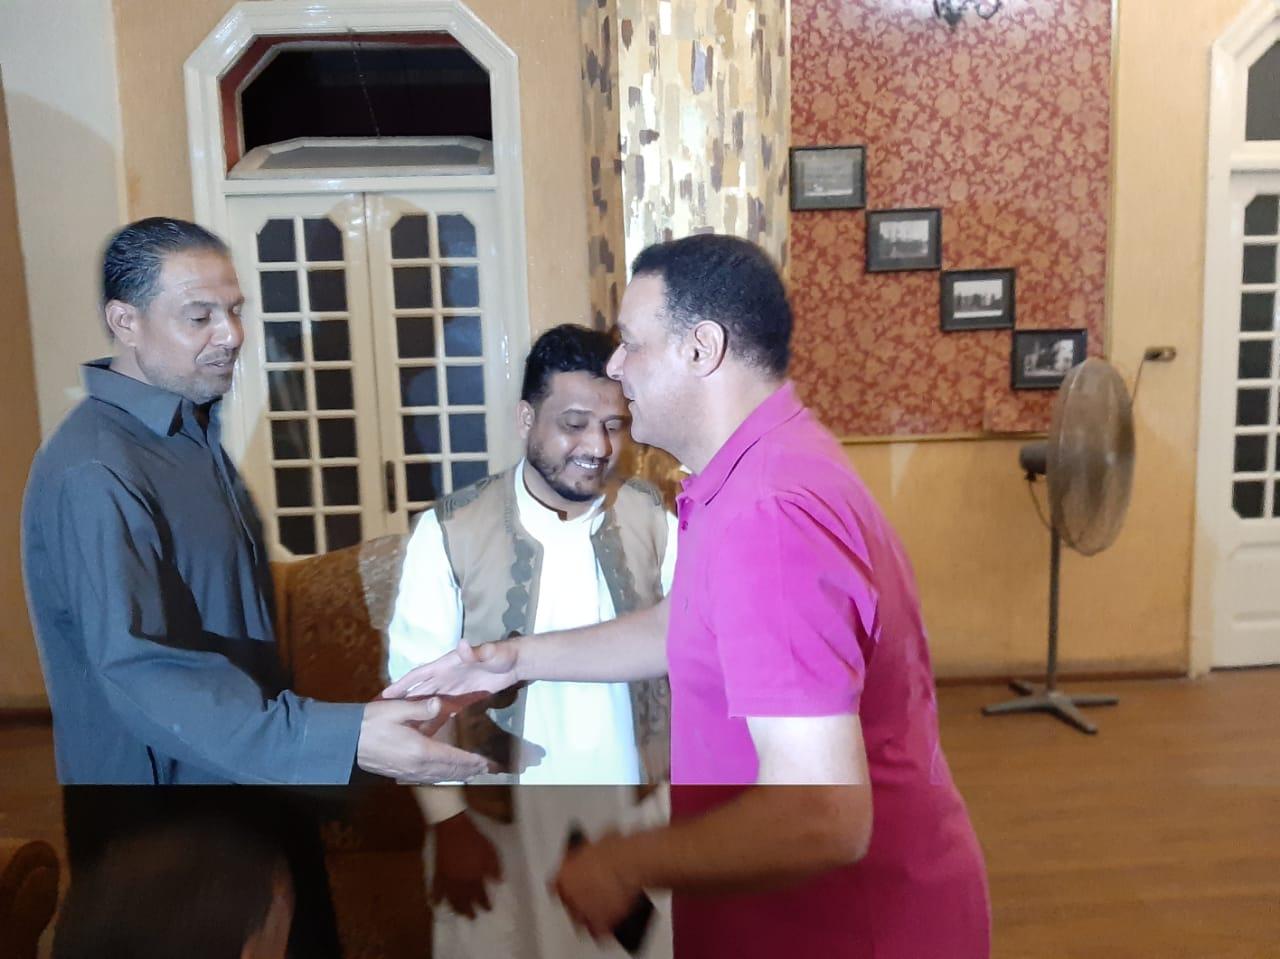 مجلس الجبلاية واعضاء الجمعية العمومية في افطار الشامي بالمحلة (12)